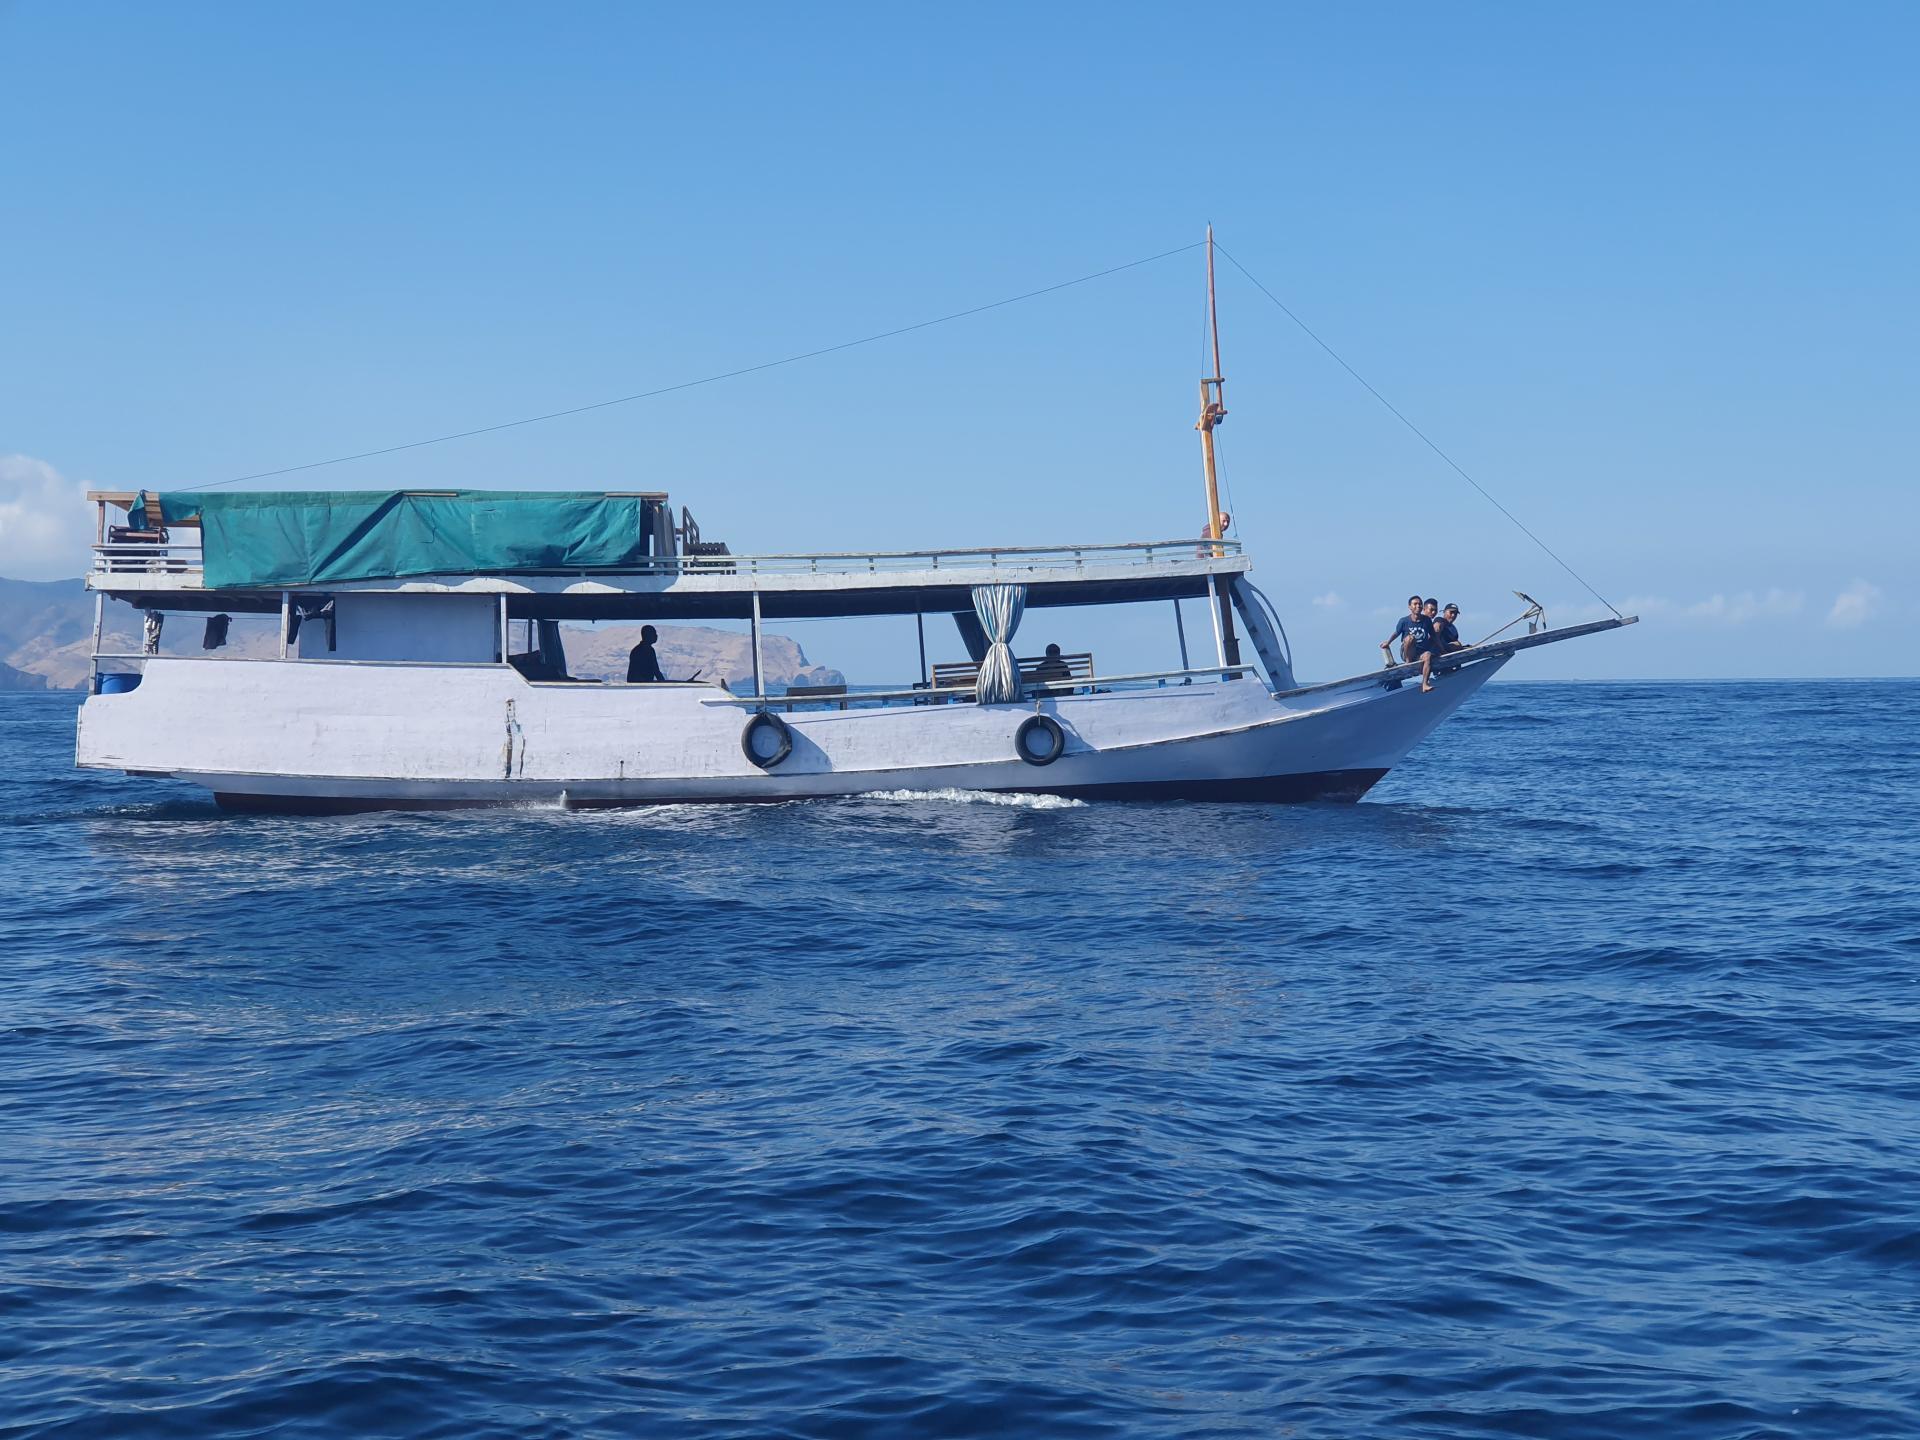 лодка с индонезийцами